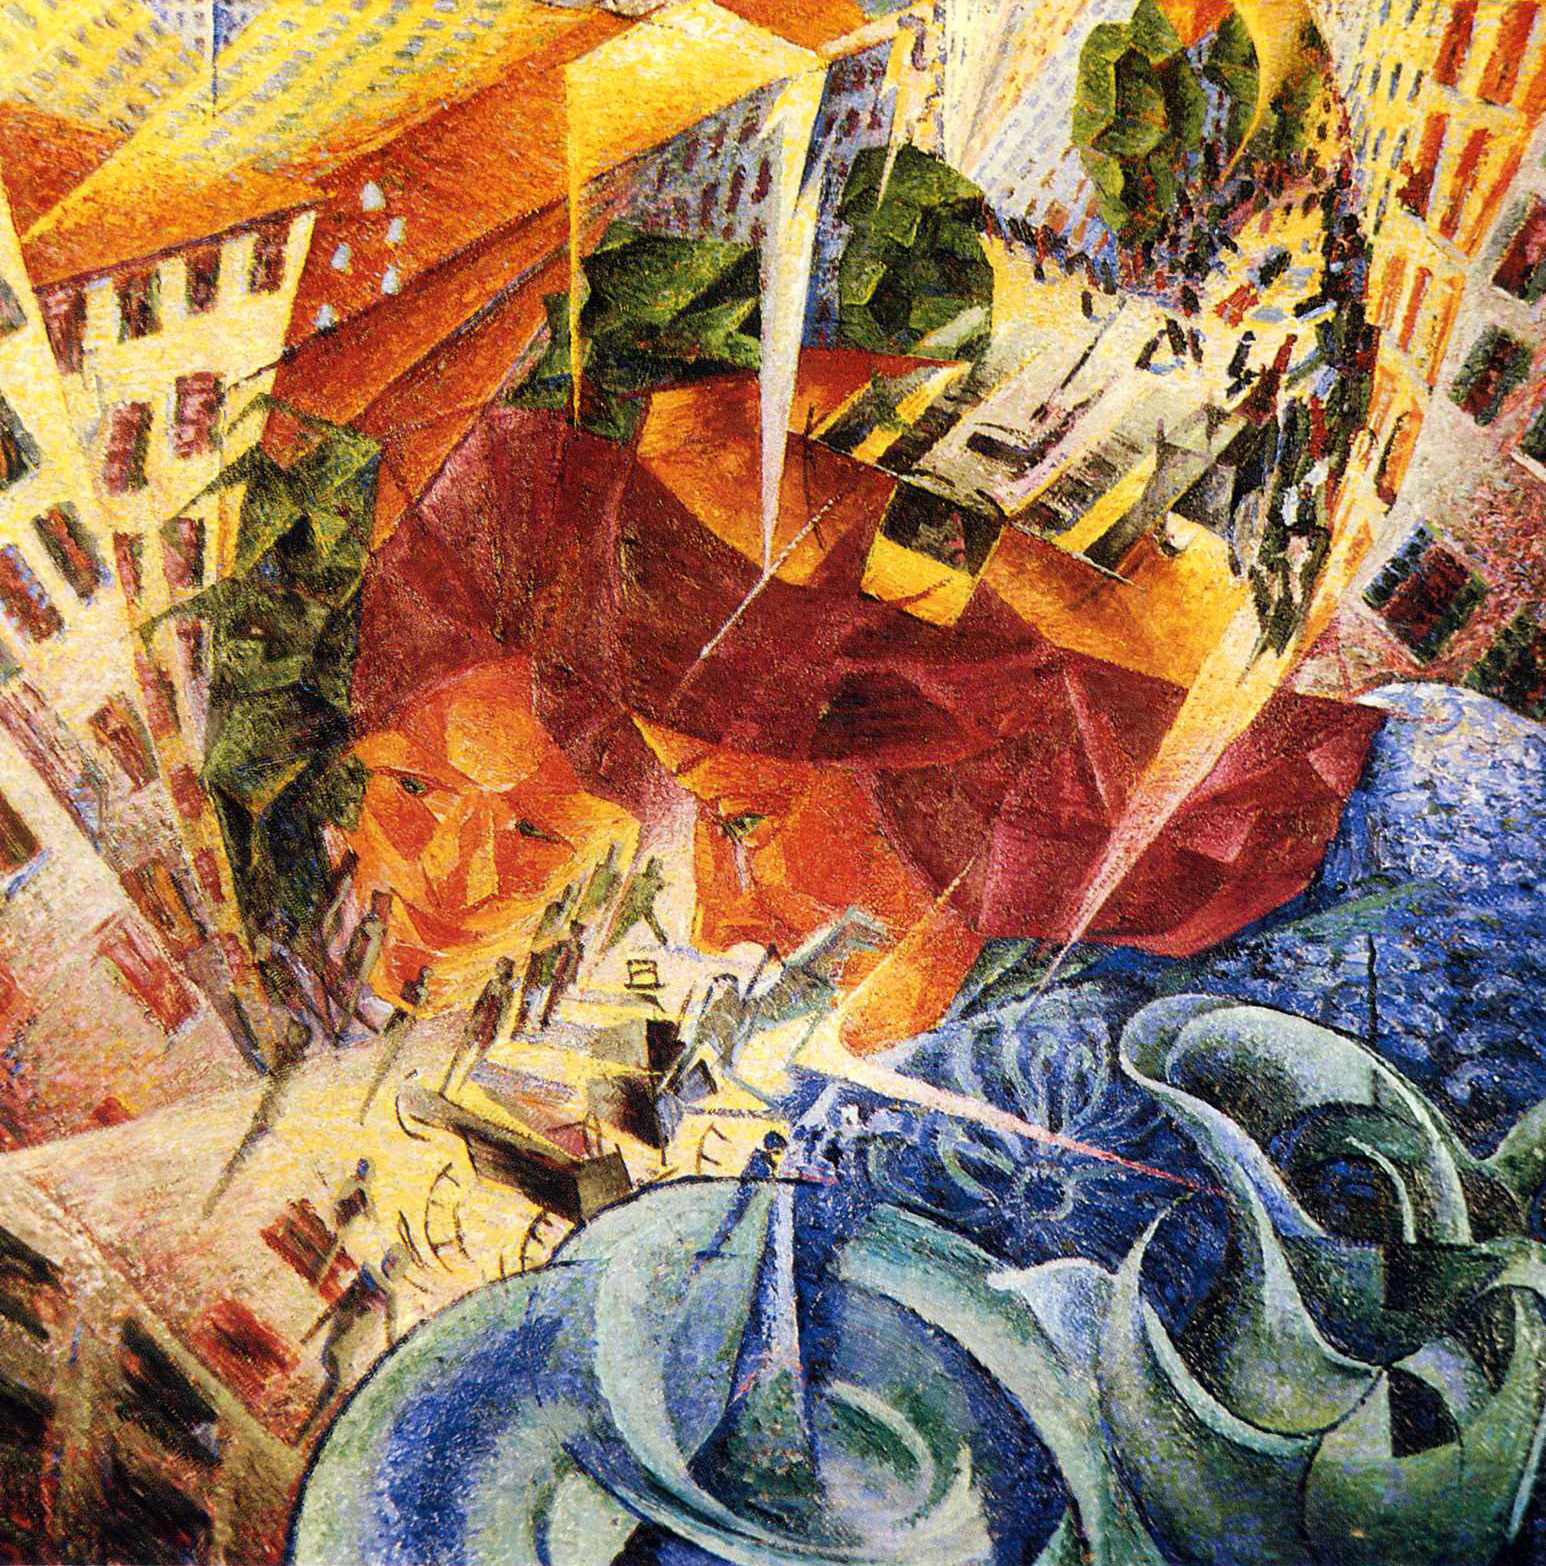 Simultaneous Visions, Umberto Boccioni (1912)